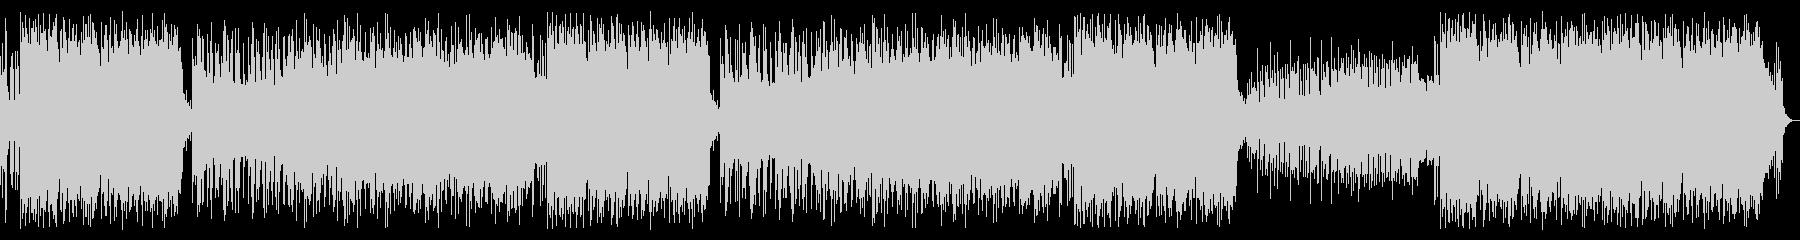 ダークな曲(緊迫/危機/緊急/異常)の未再生の波形